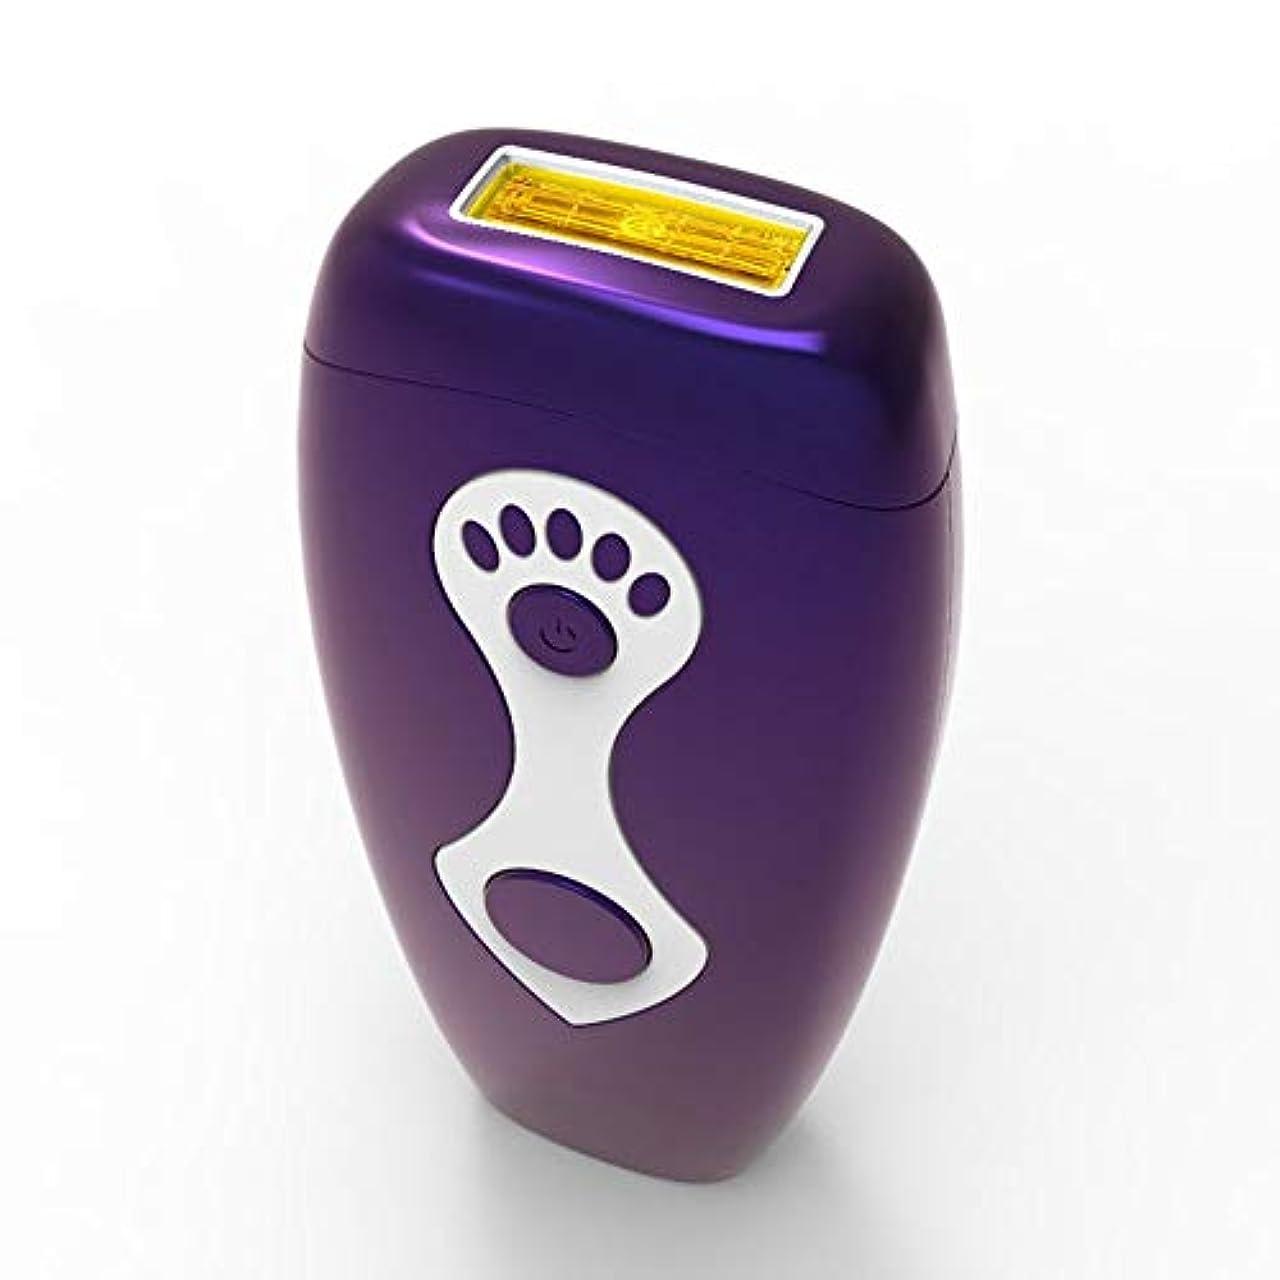 無限ピジン銅Xihouxian パーマネント脱毛、家庭用ニュートラルヘアリムーバー、柔らかい肌、マルチ運動エネルギー、安全性、グレード5無料調整、サイズ7.5×16.5 Cm D40 (Color : Purple)